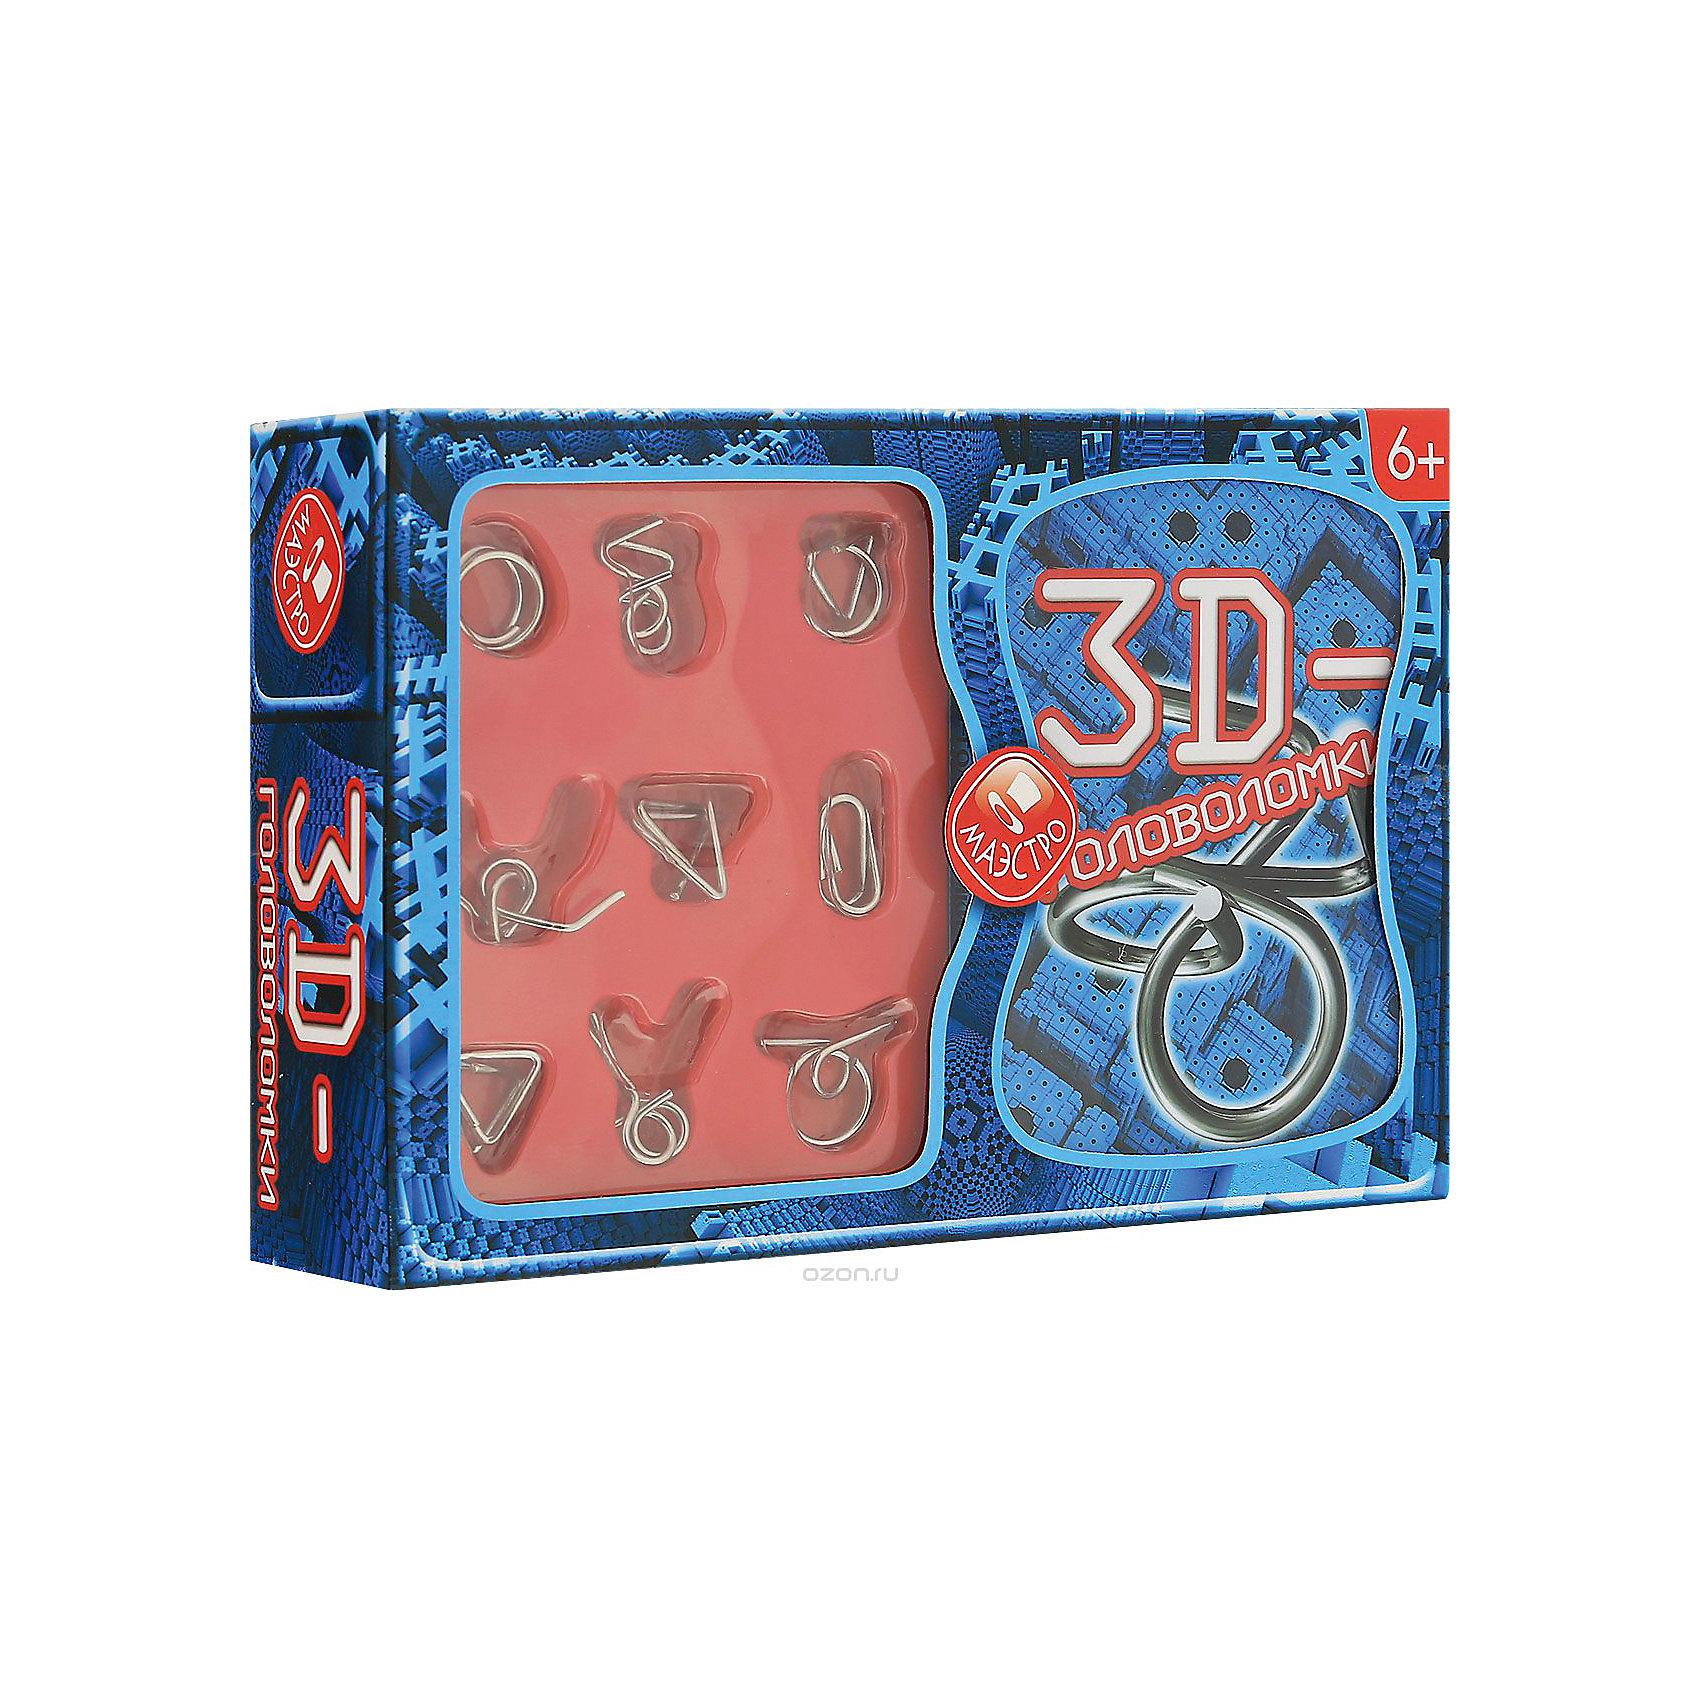 3D головоломкиЖелезные головоломки<br>Книга + 9 металлических головоломок<br><br>Ширина мм: 250<br>Глубина мм: 160<br>Высота мм: 60<br>Вес г: 300<br>Возраст от месяцев: 36<br>Возраст до месяцев: 144<br>Пол: Унисекс<br>Возраст: Детский<br>SKU: 5142472